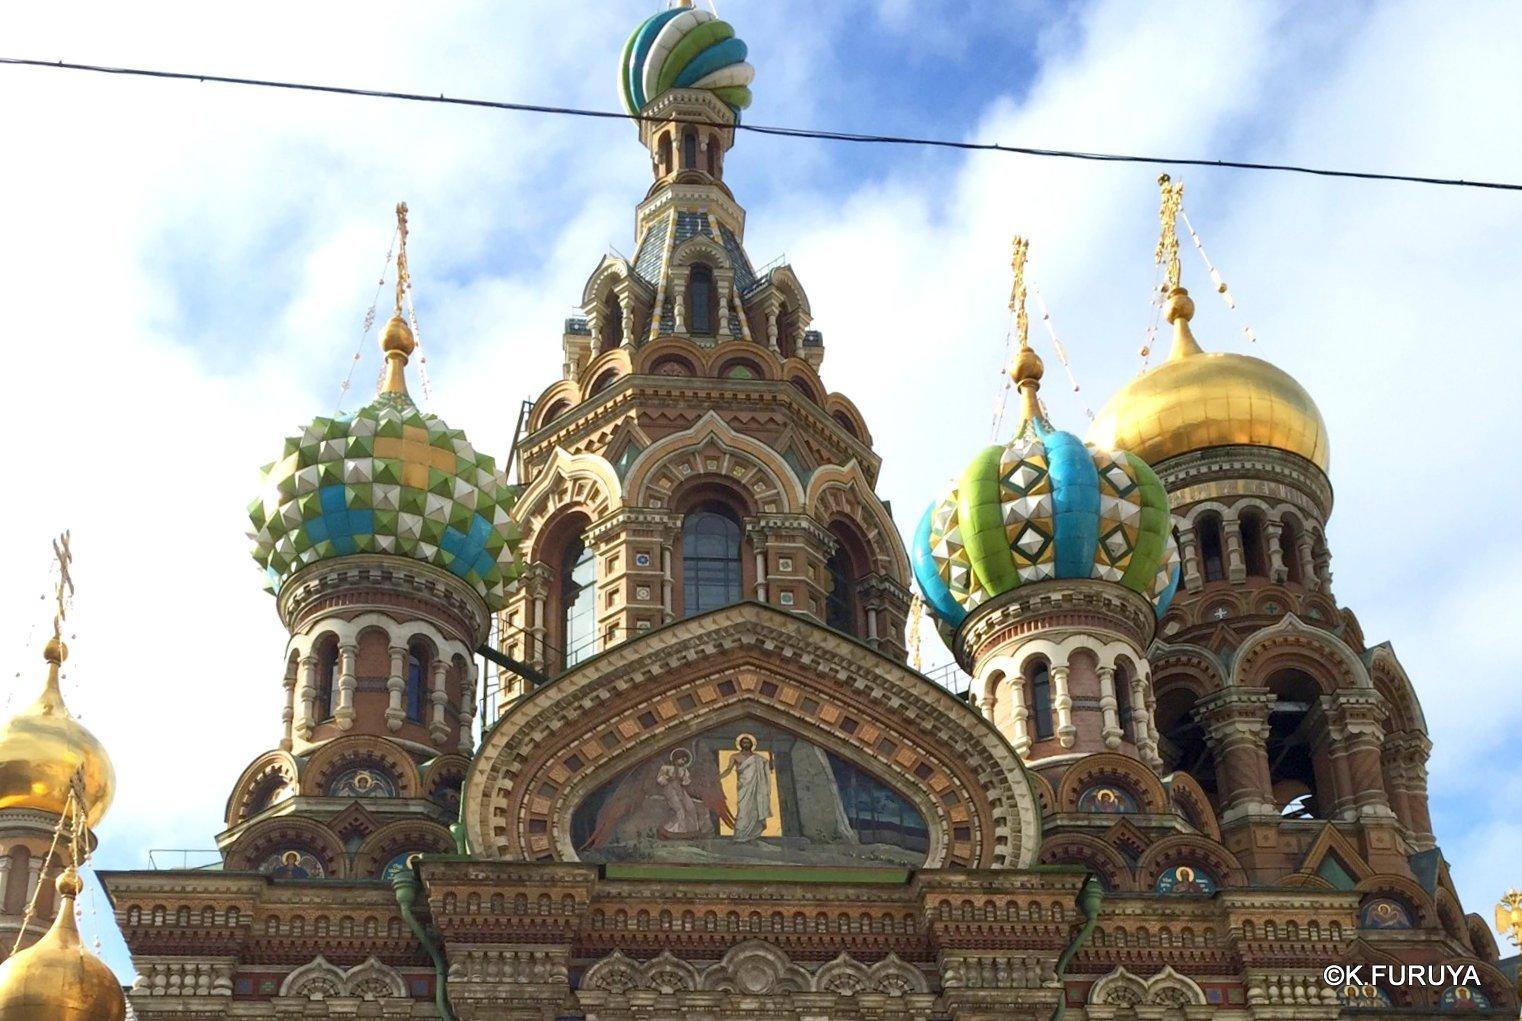 ロシアの旅 6 血の上の救世主教会_a0092659_22254937.jpg